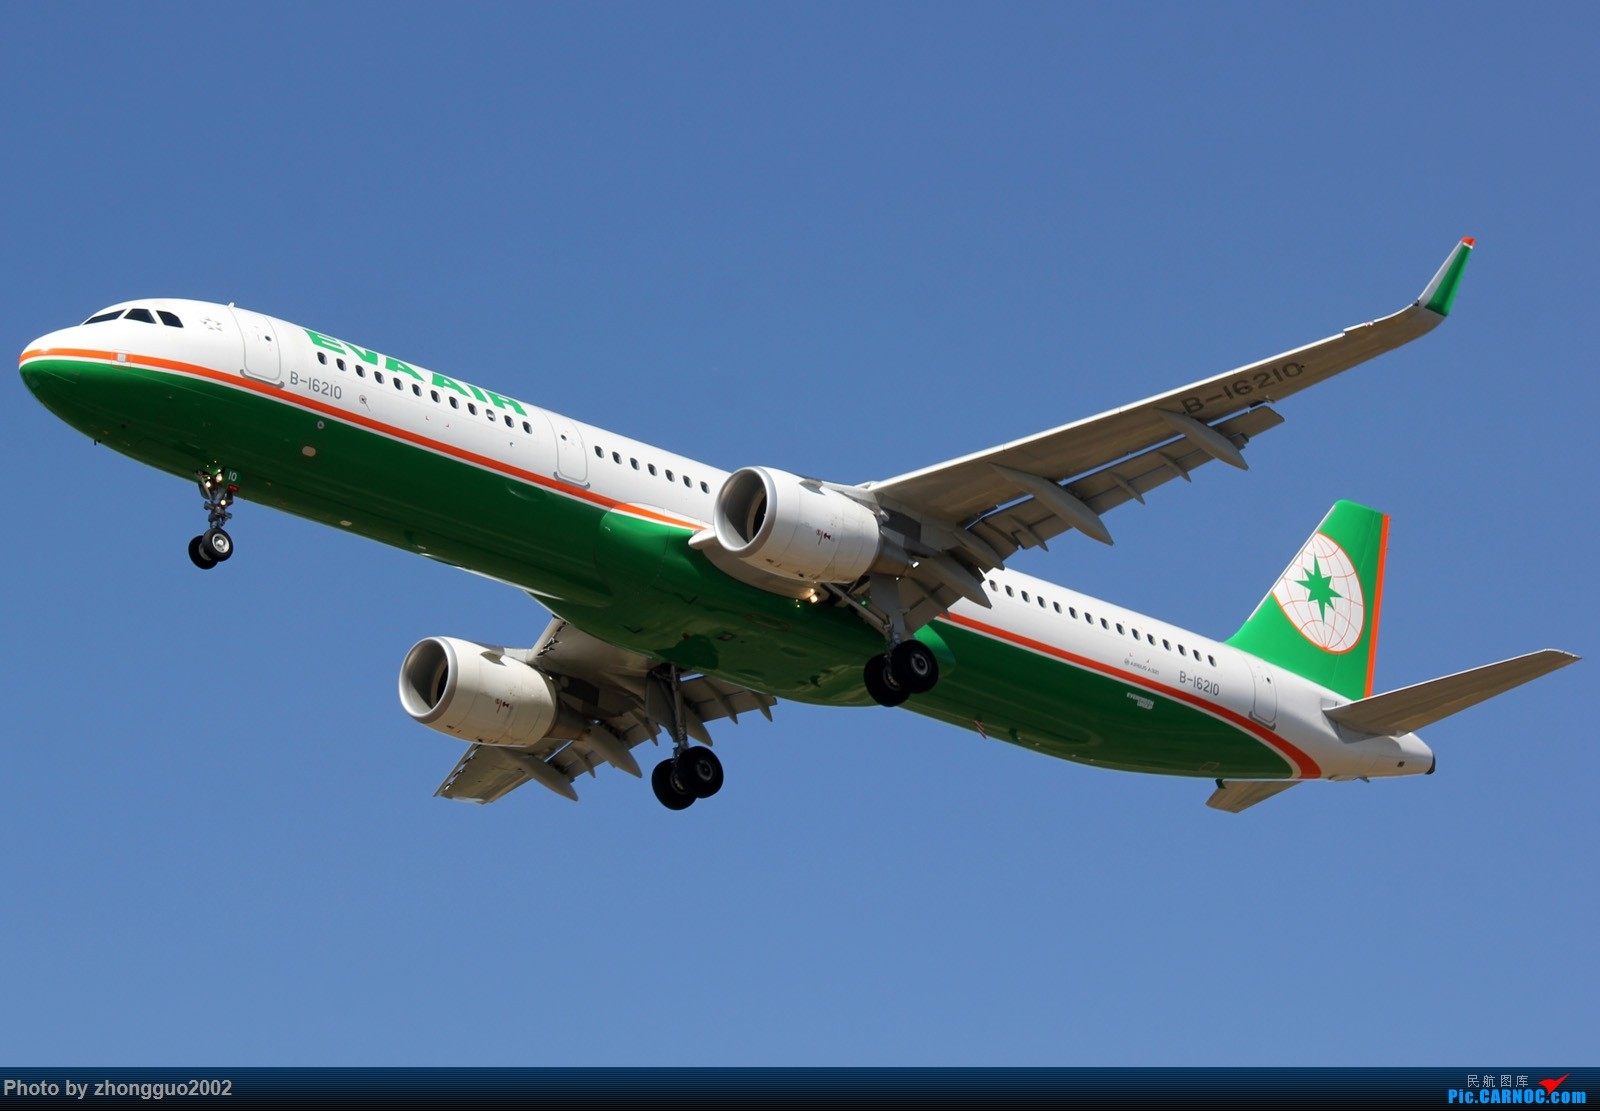 Re:[原创]【BLDDQ--深圳打机队】发小飞机盖楼贴,凡跟帖1字开头大陆民航飞机图的,每图五架小飞机不重复 AIRBUS A321-200 B-16210 中国呼和浩特白塔国际机场